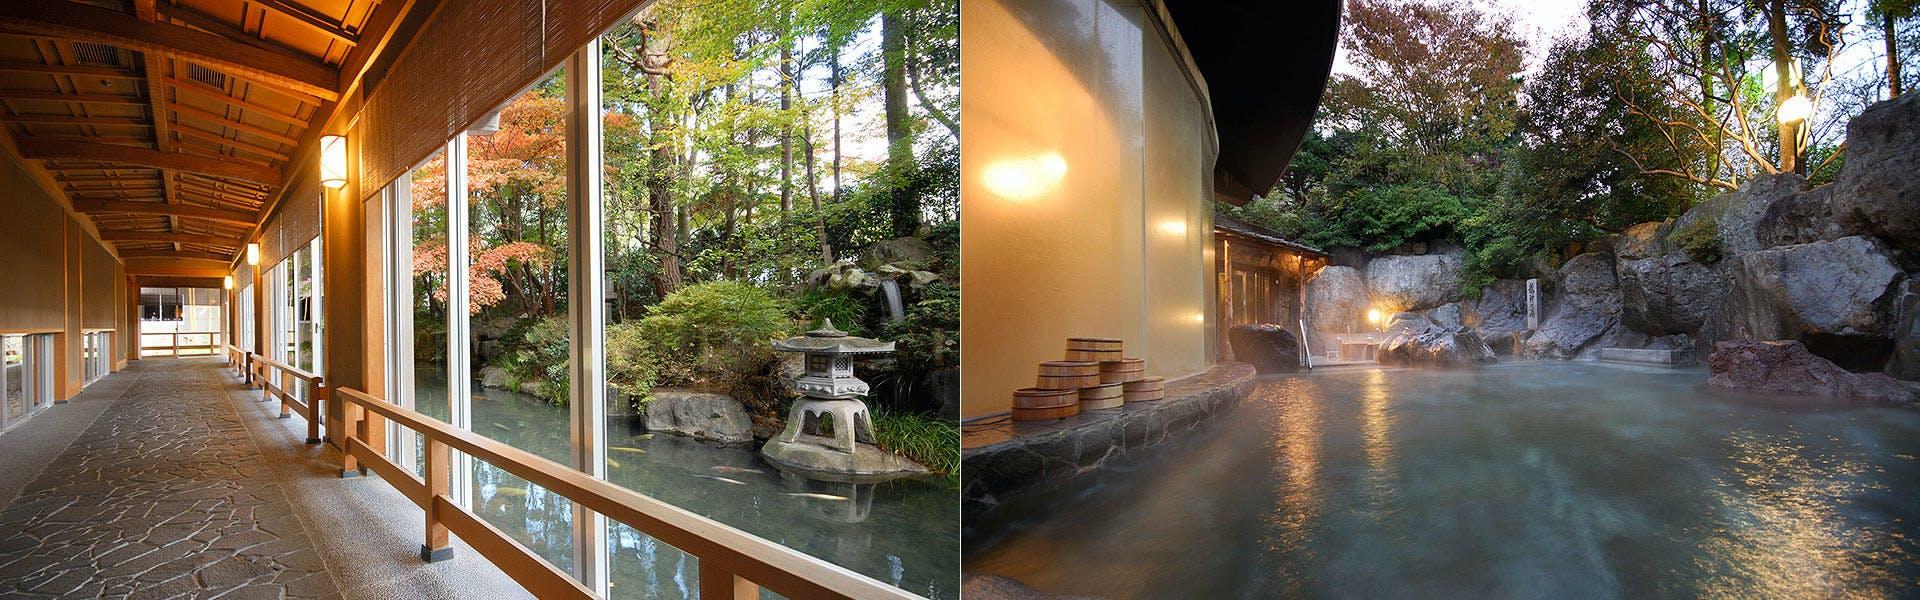 記念日におすすめのホテル・下呂温泉 水明館の写真2